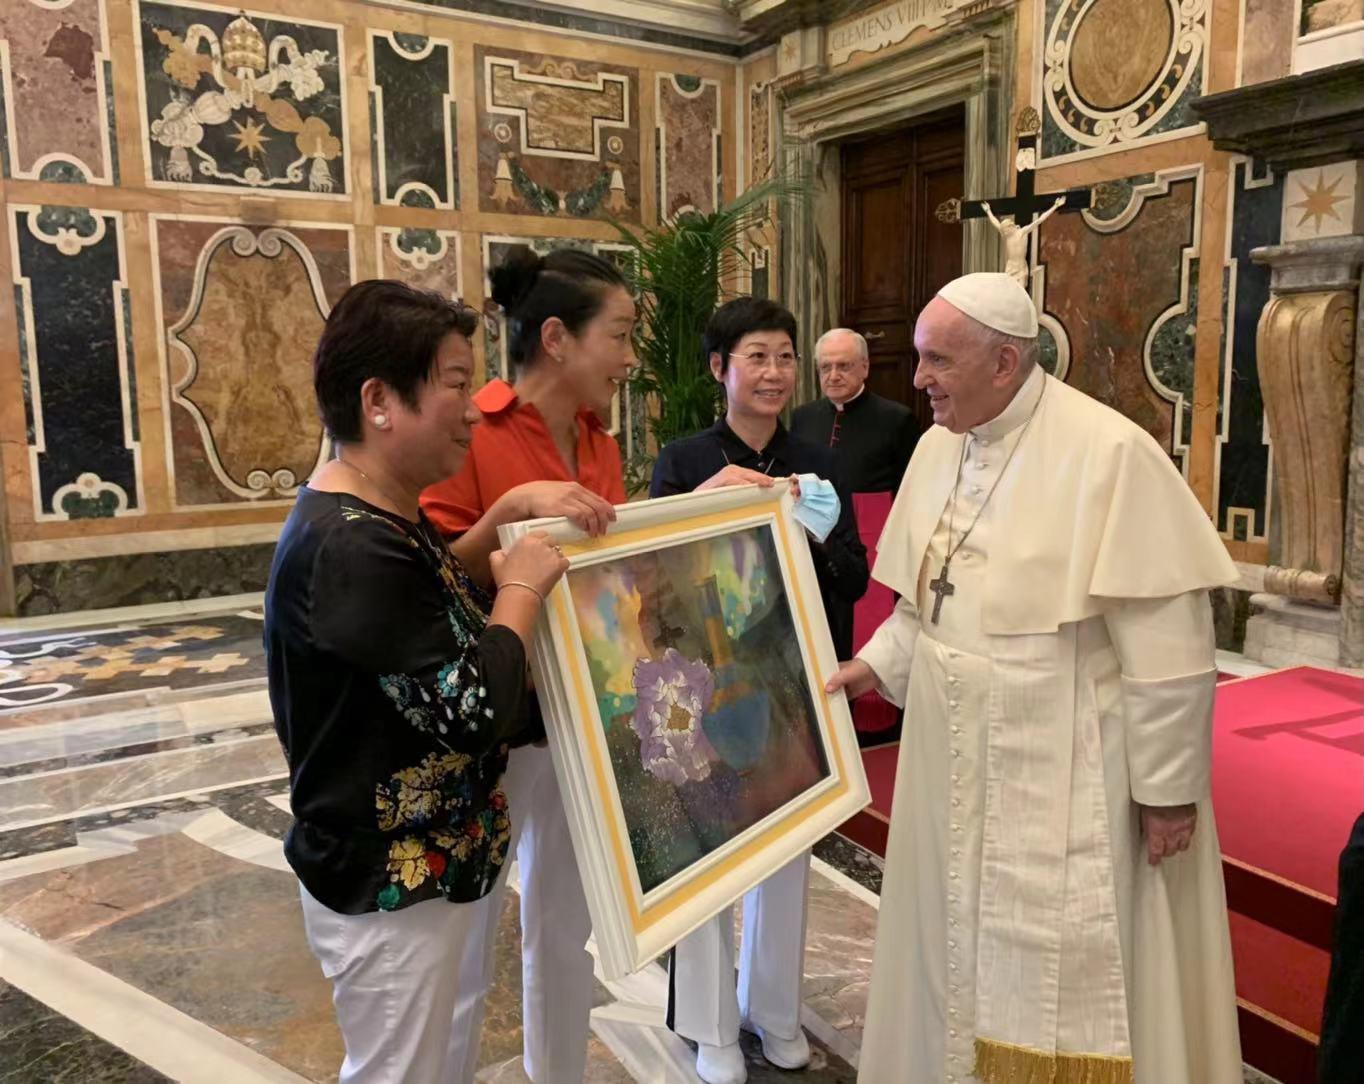 台灣之光!梵蒂岡珍藏藝術家白魚林伯禧作品「富貴平安」 獲教宗親睞典藏